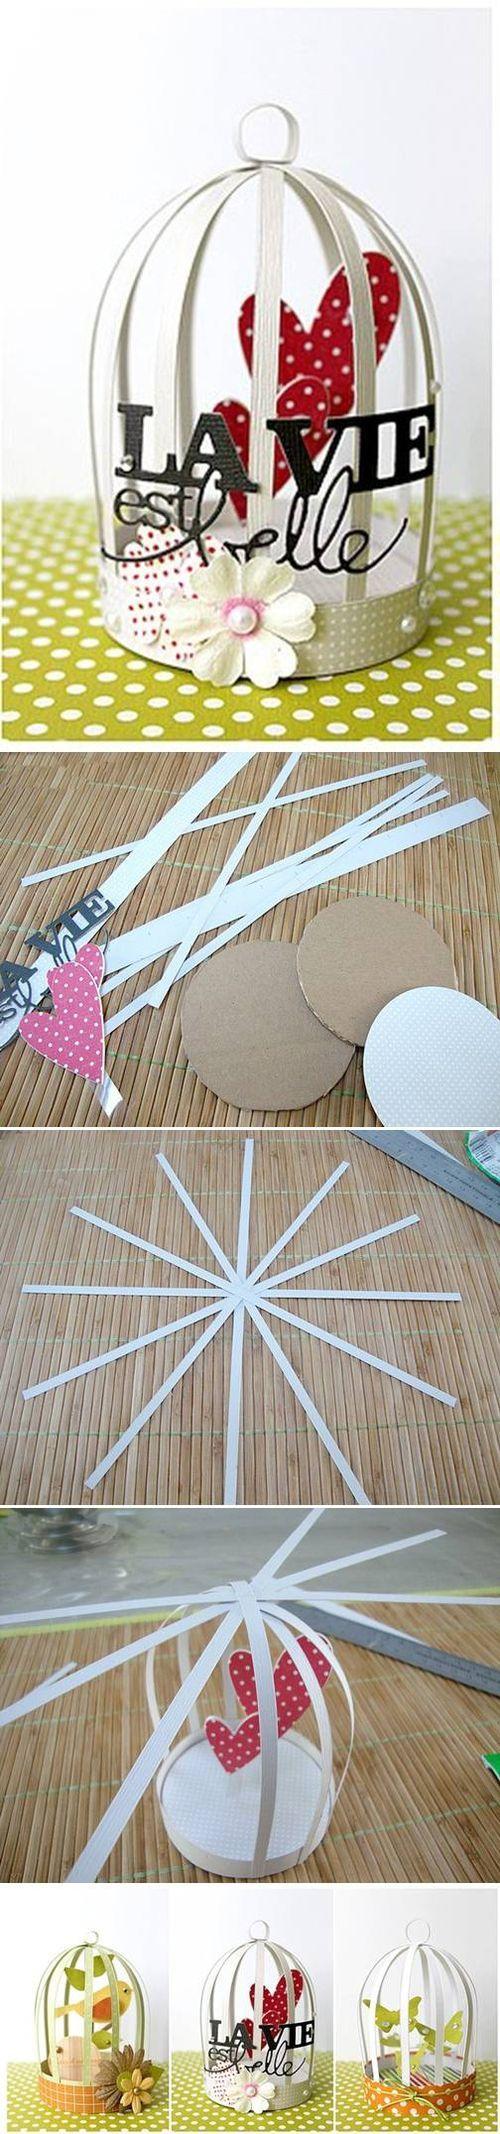 Cómo hacer una jaula decorativa paso a paso